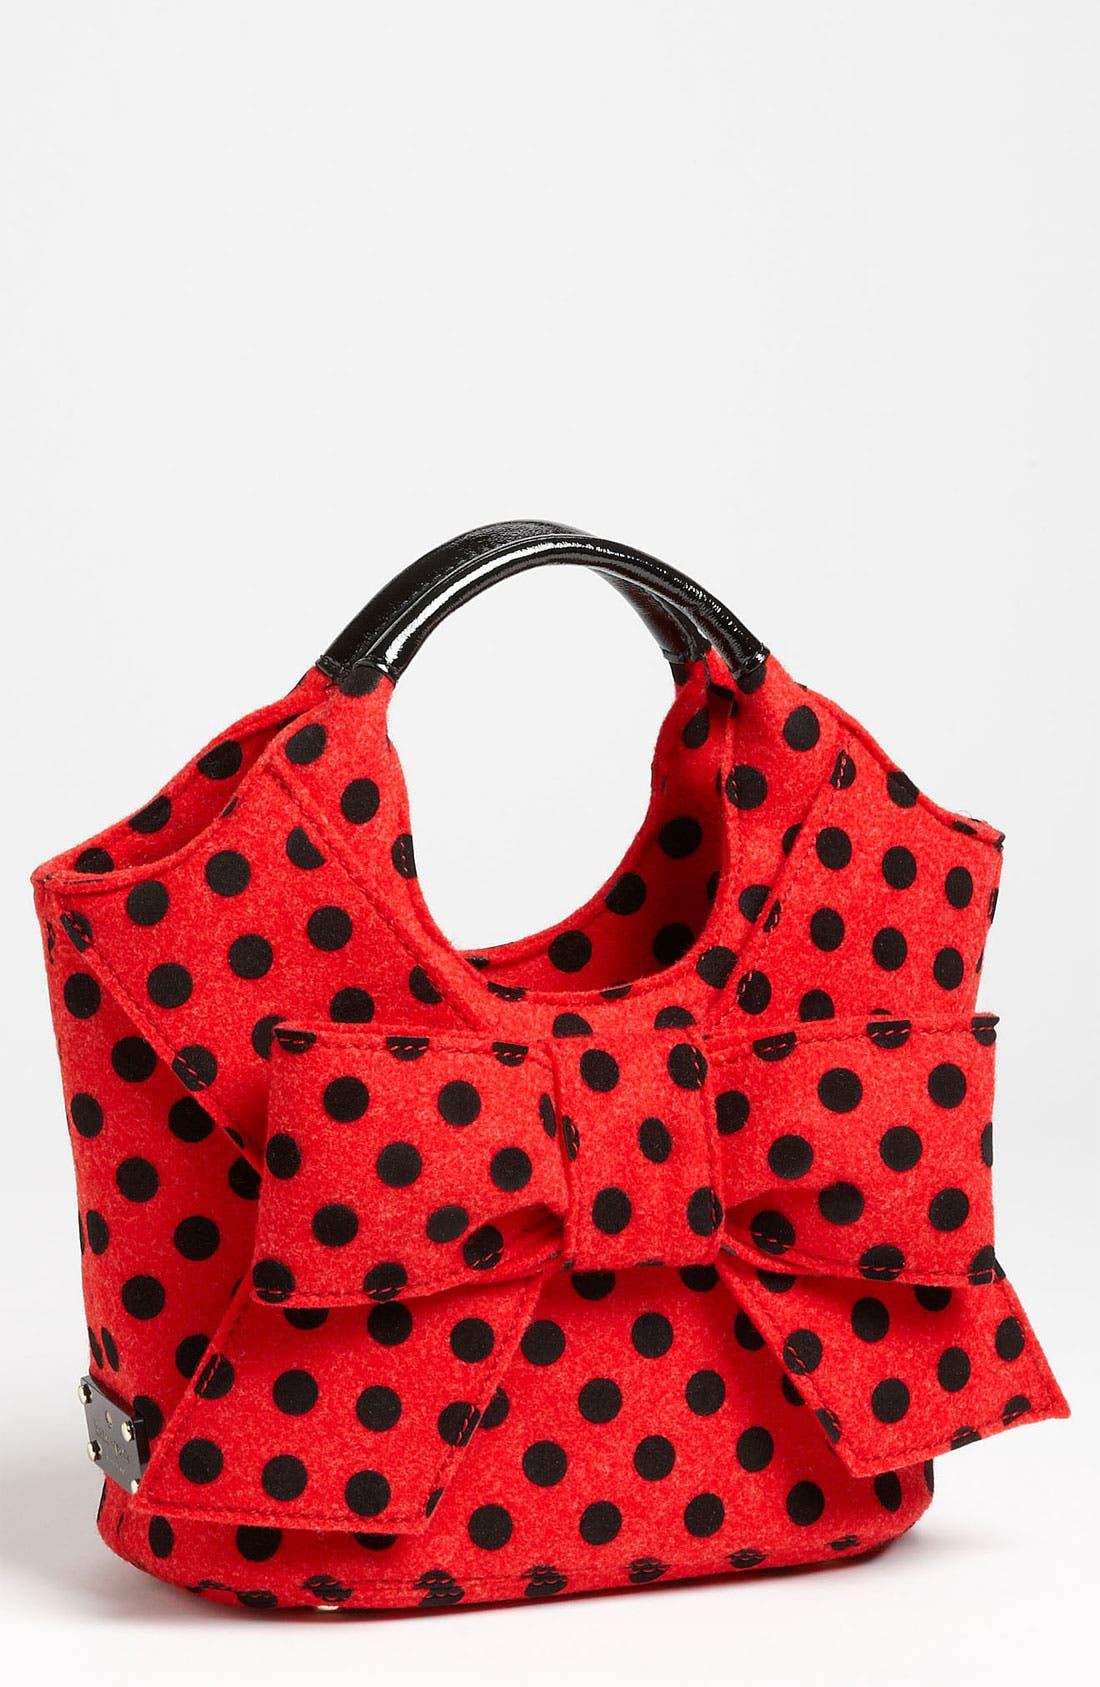 Main Image - kate spade new york 'pilgrim hill - tate' handbag